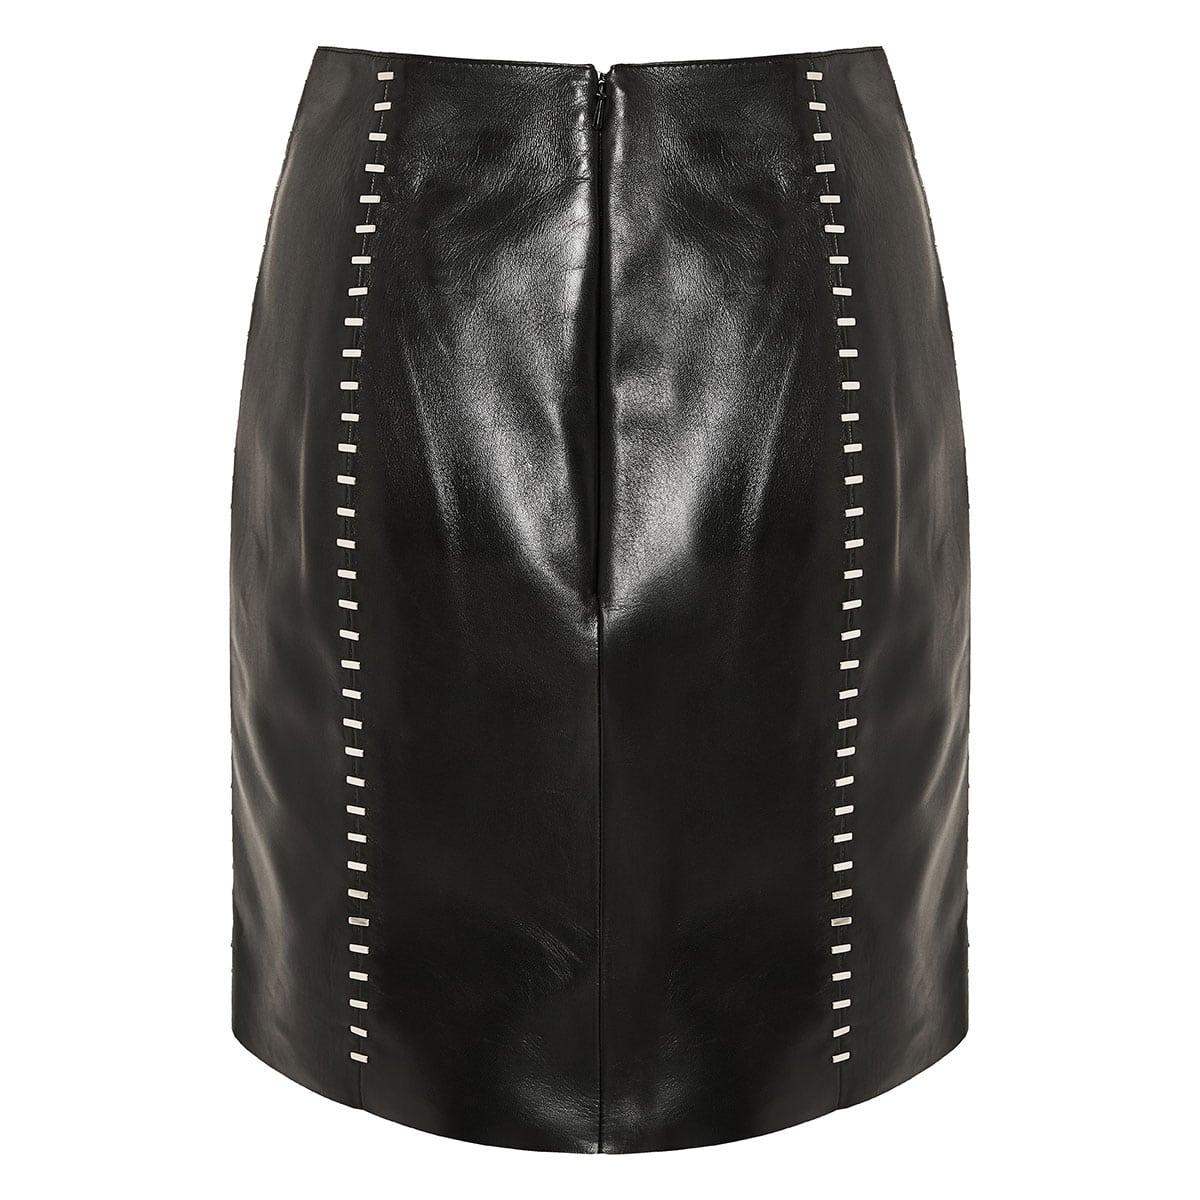 Studded leather mini skirt